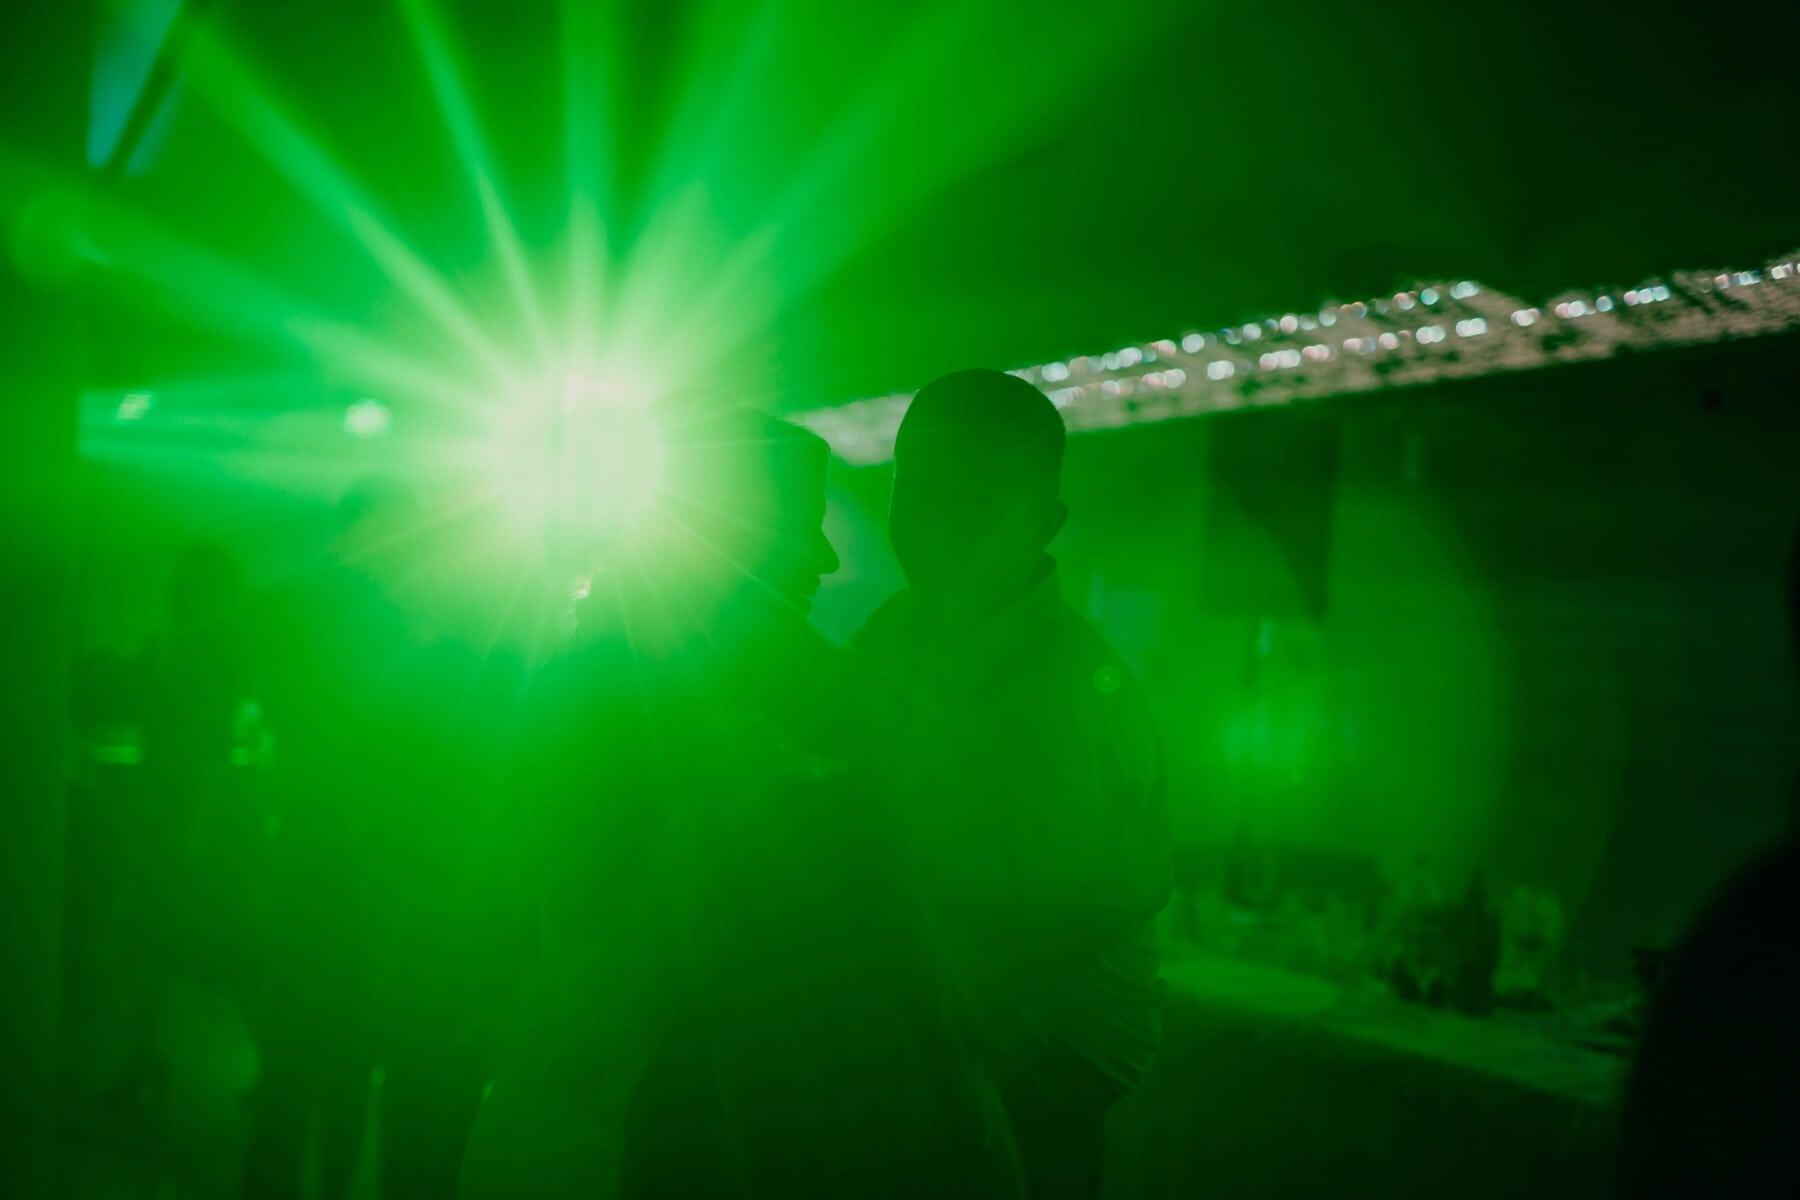 nightclub, party, nightlife, light, green light, laser, music, shining, bright, concert